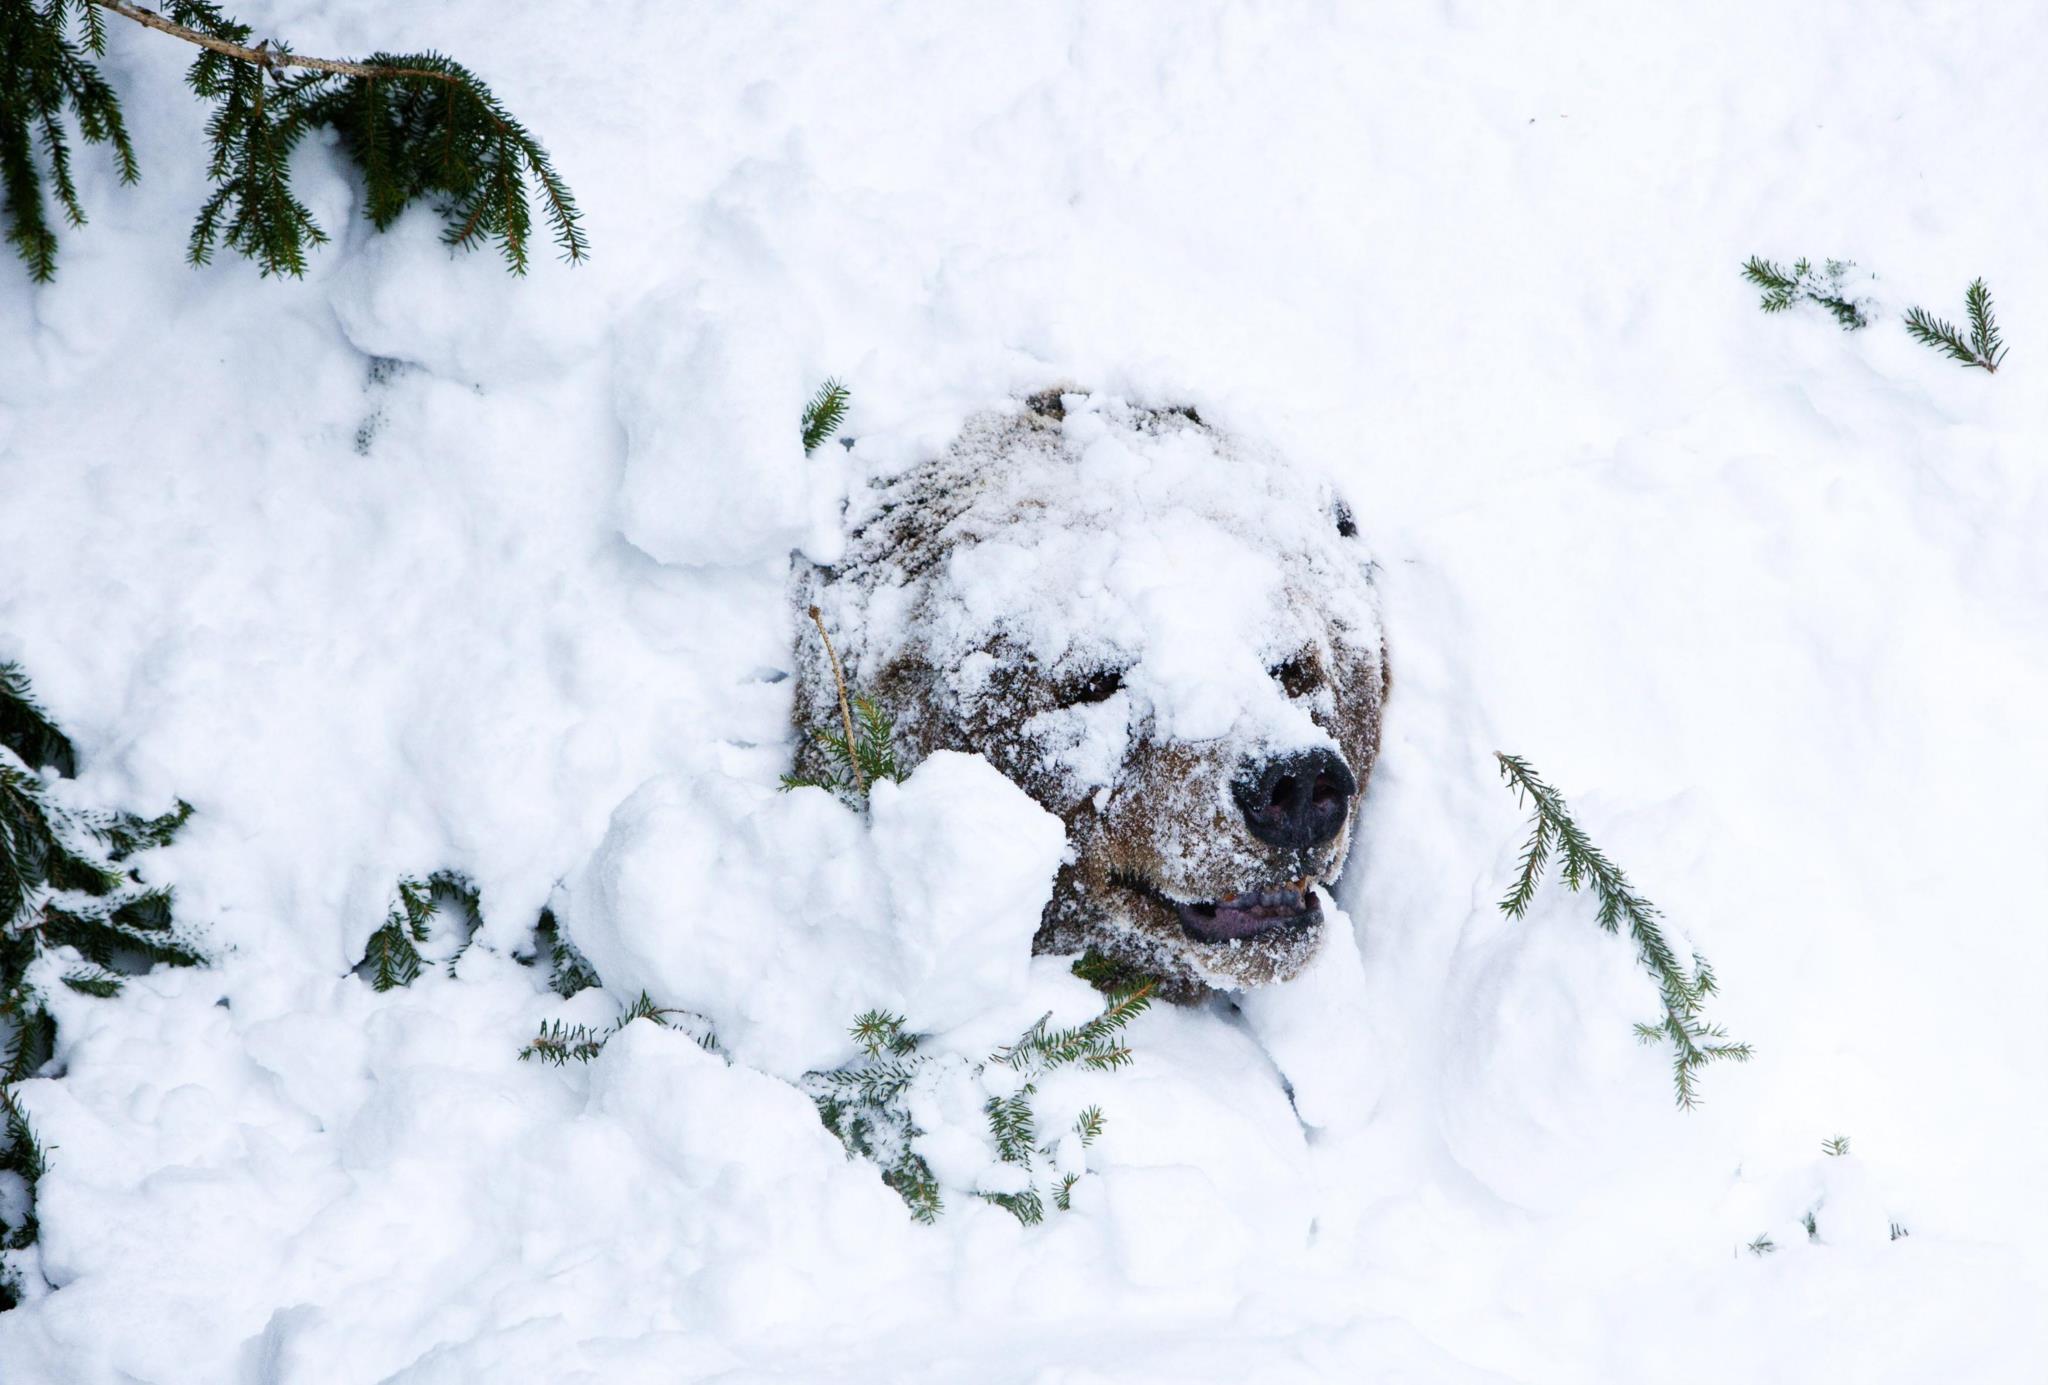 Um urso acorda após o periodo de hibernação no Jardim Zoológico de Ranua, Finlândia